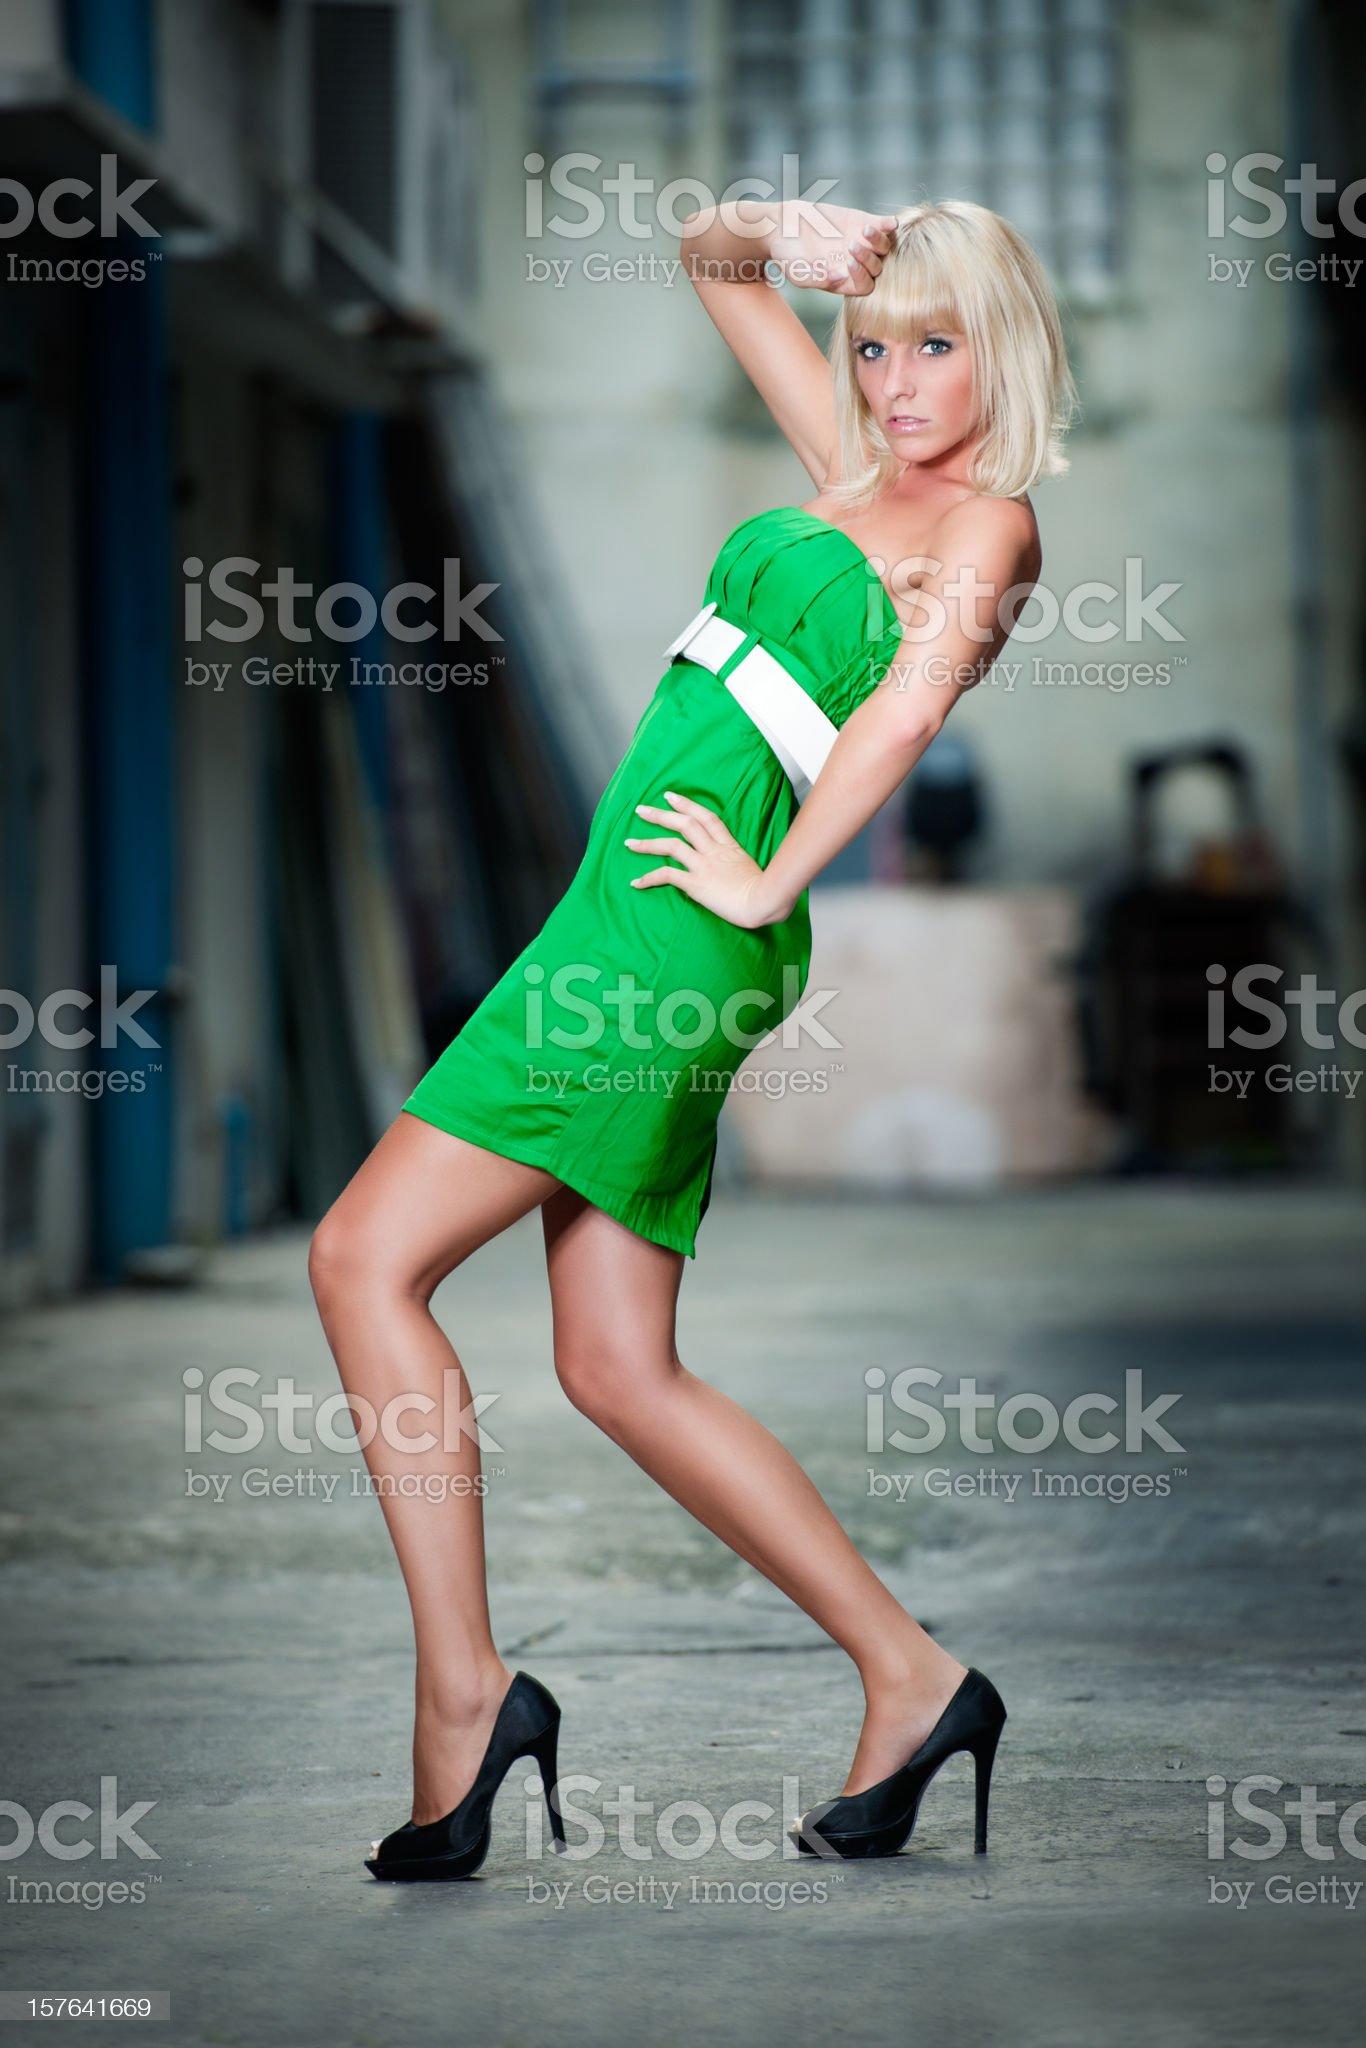 Urban Haute Couture (XXXL) royalty-free stock photo